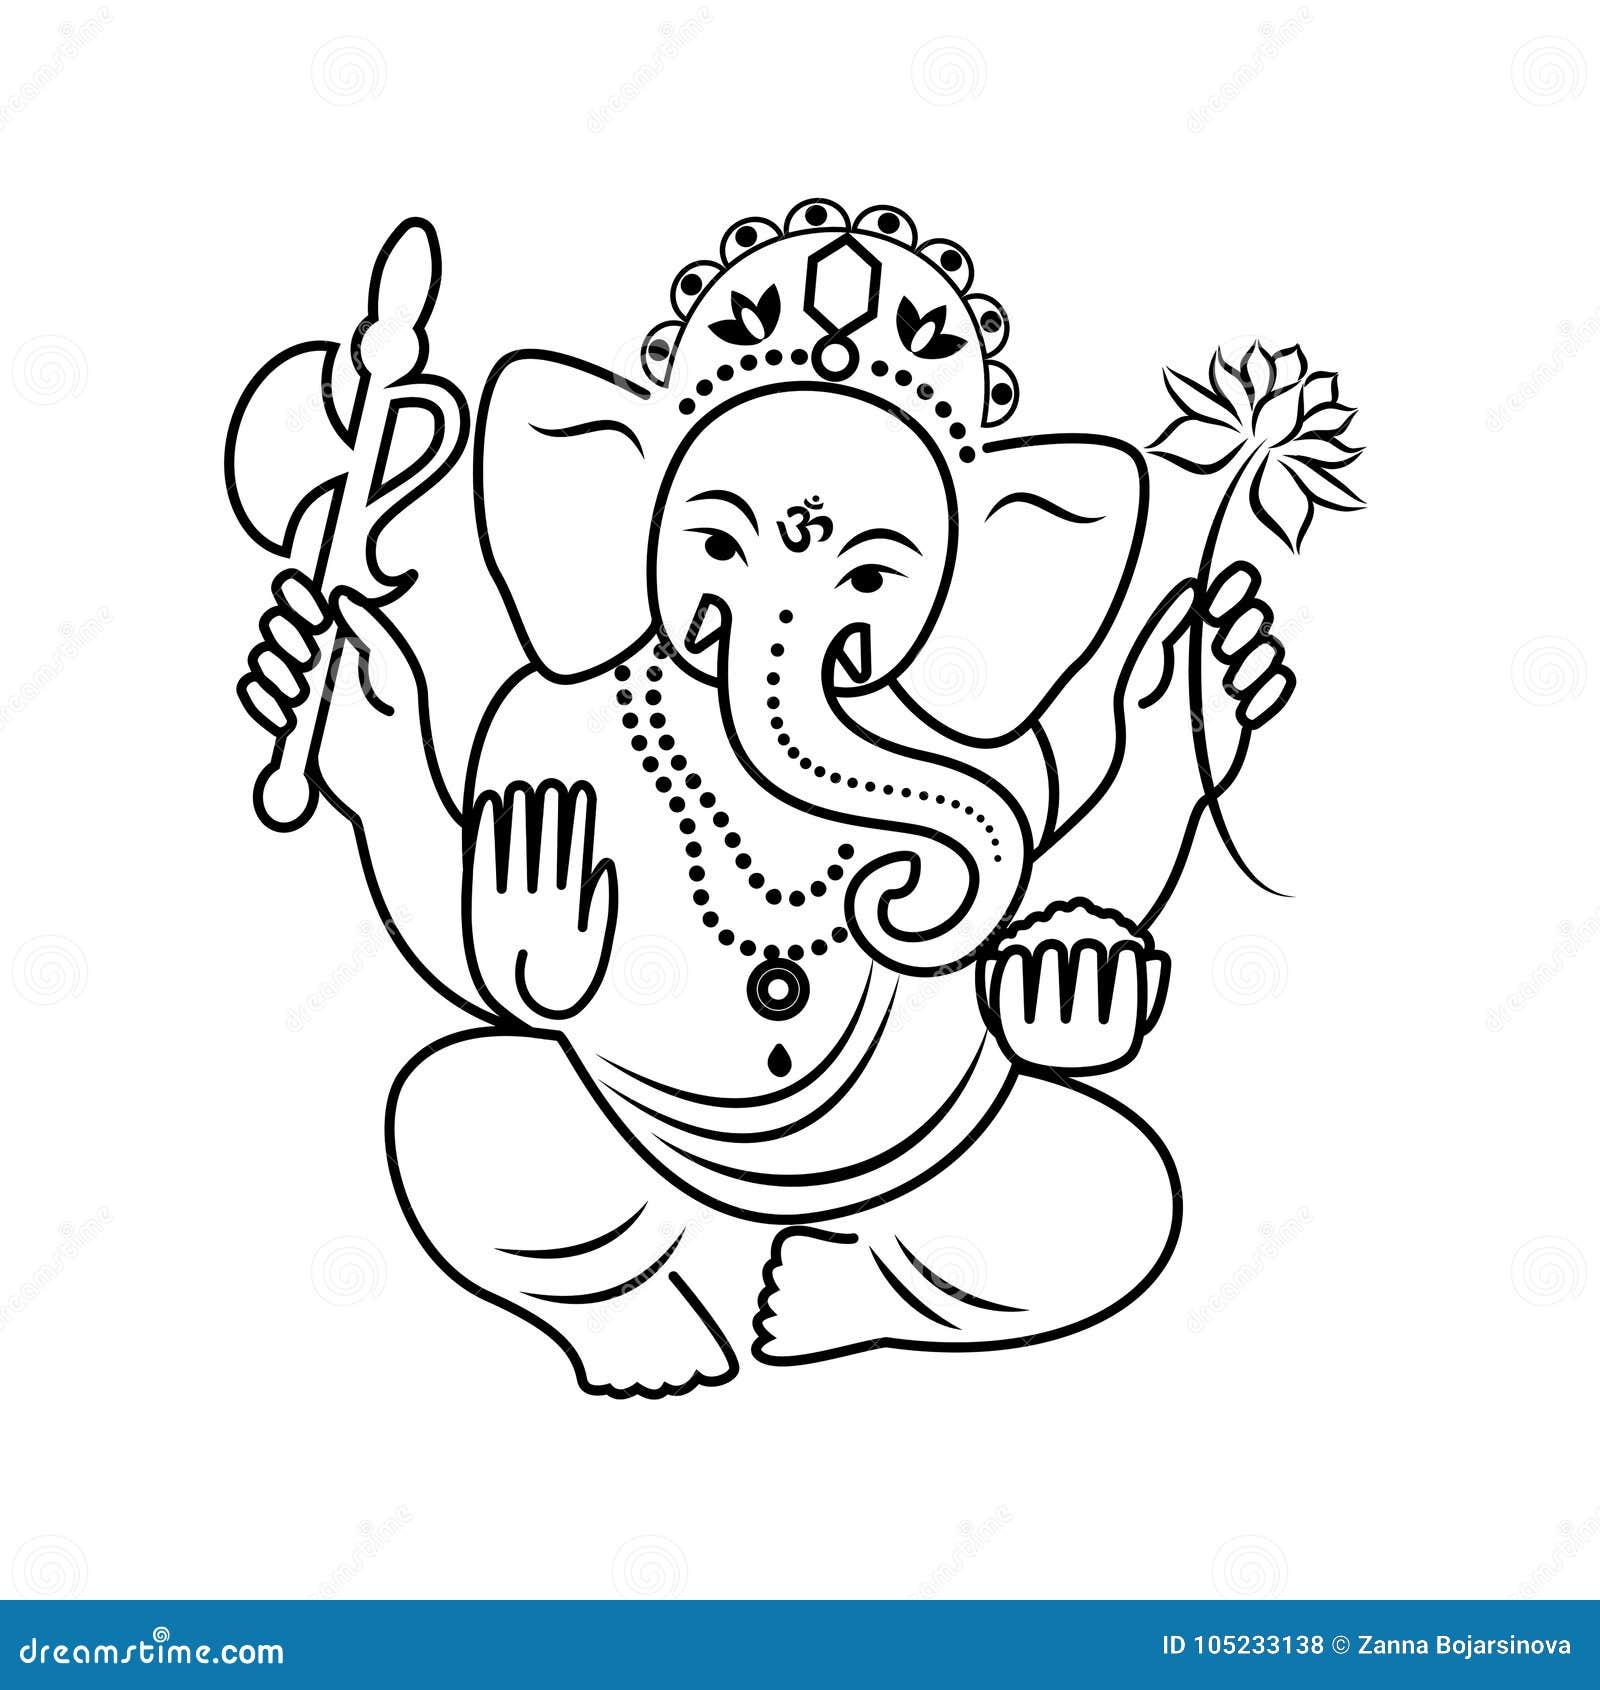 outline of hindu god